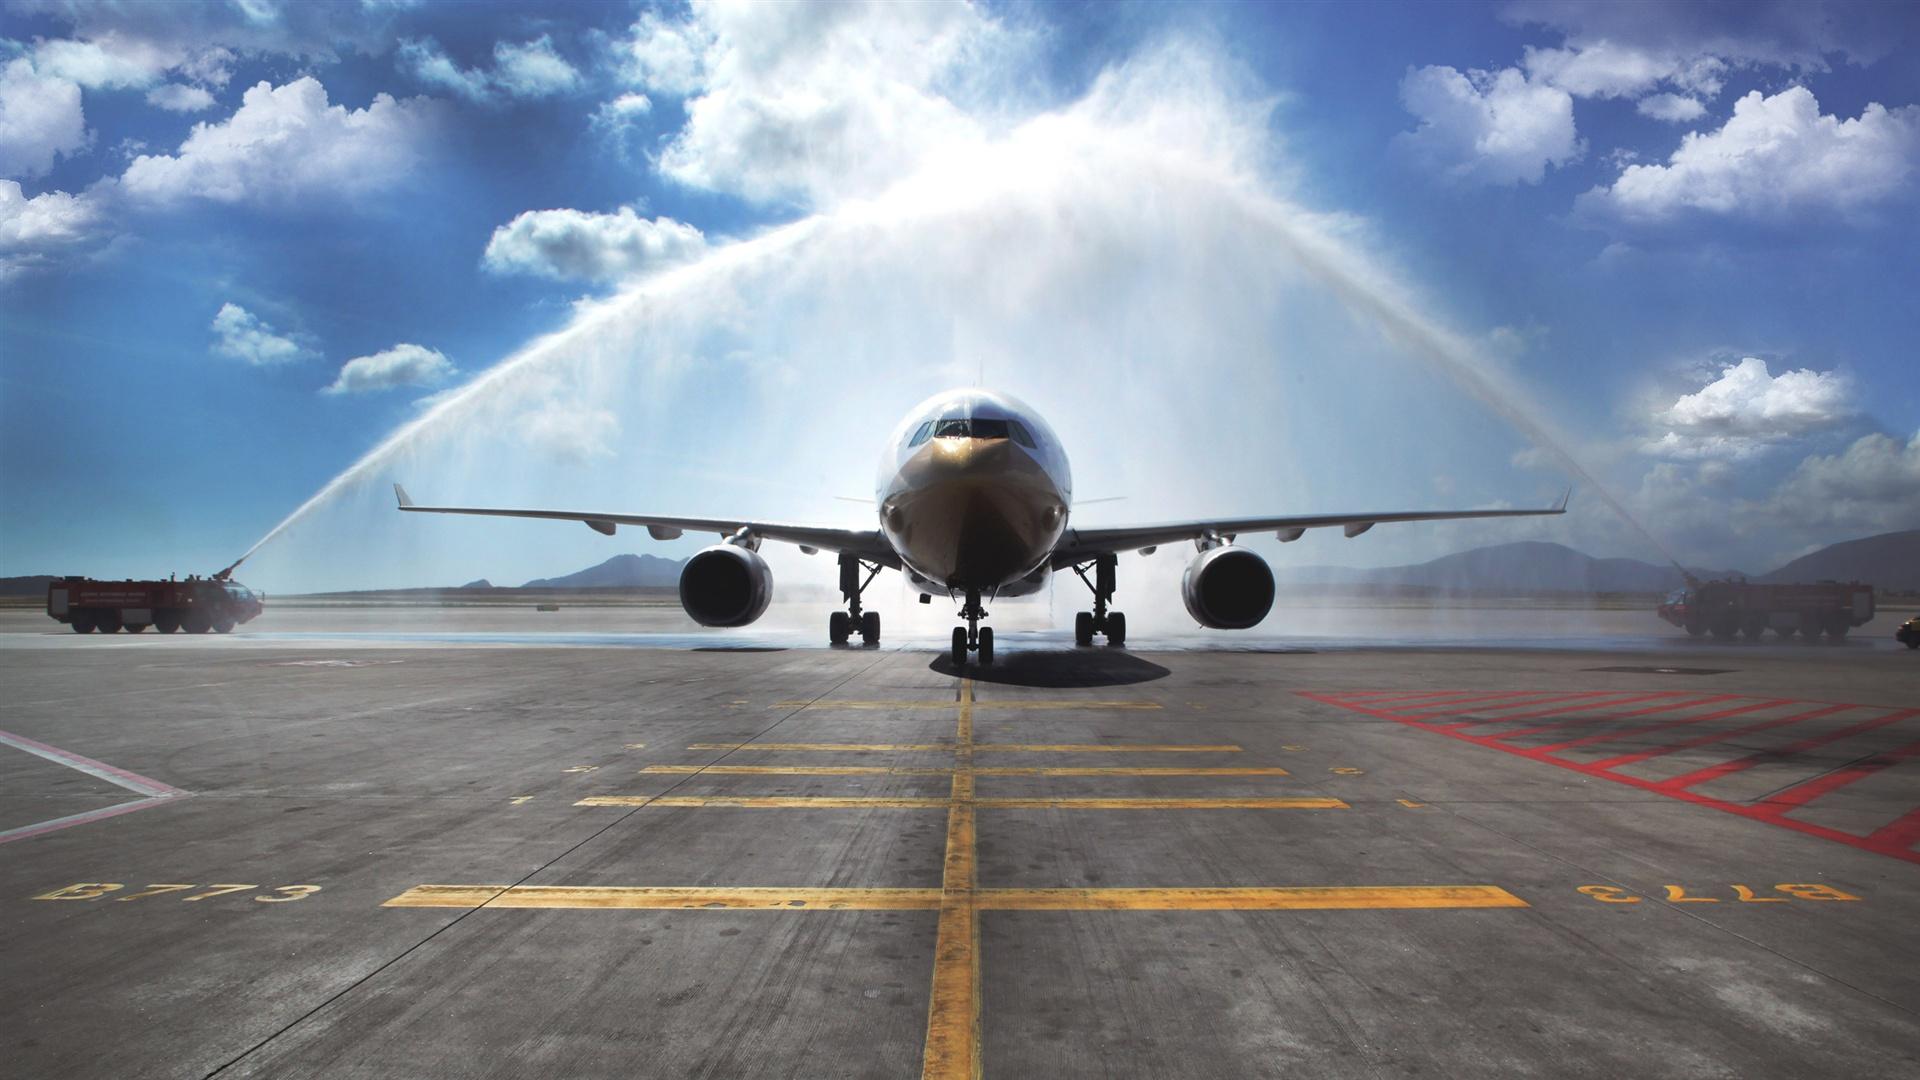 エアバスA330の旅客機、水まき、空港 壁紙 - 1920x1080   エアバスA330の旅客